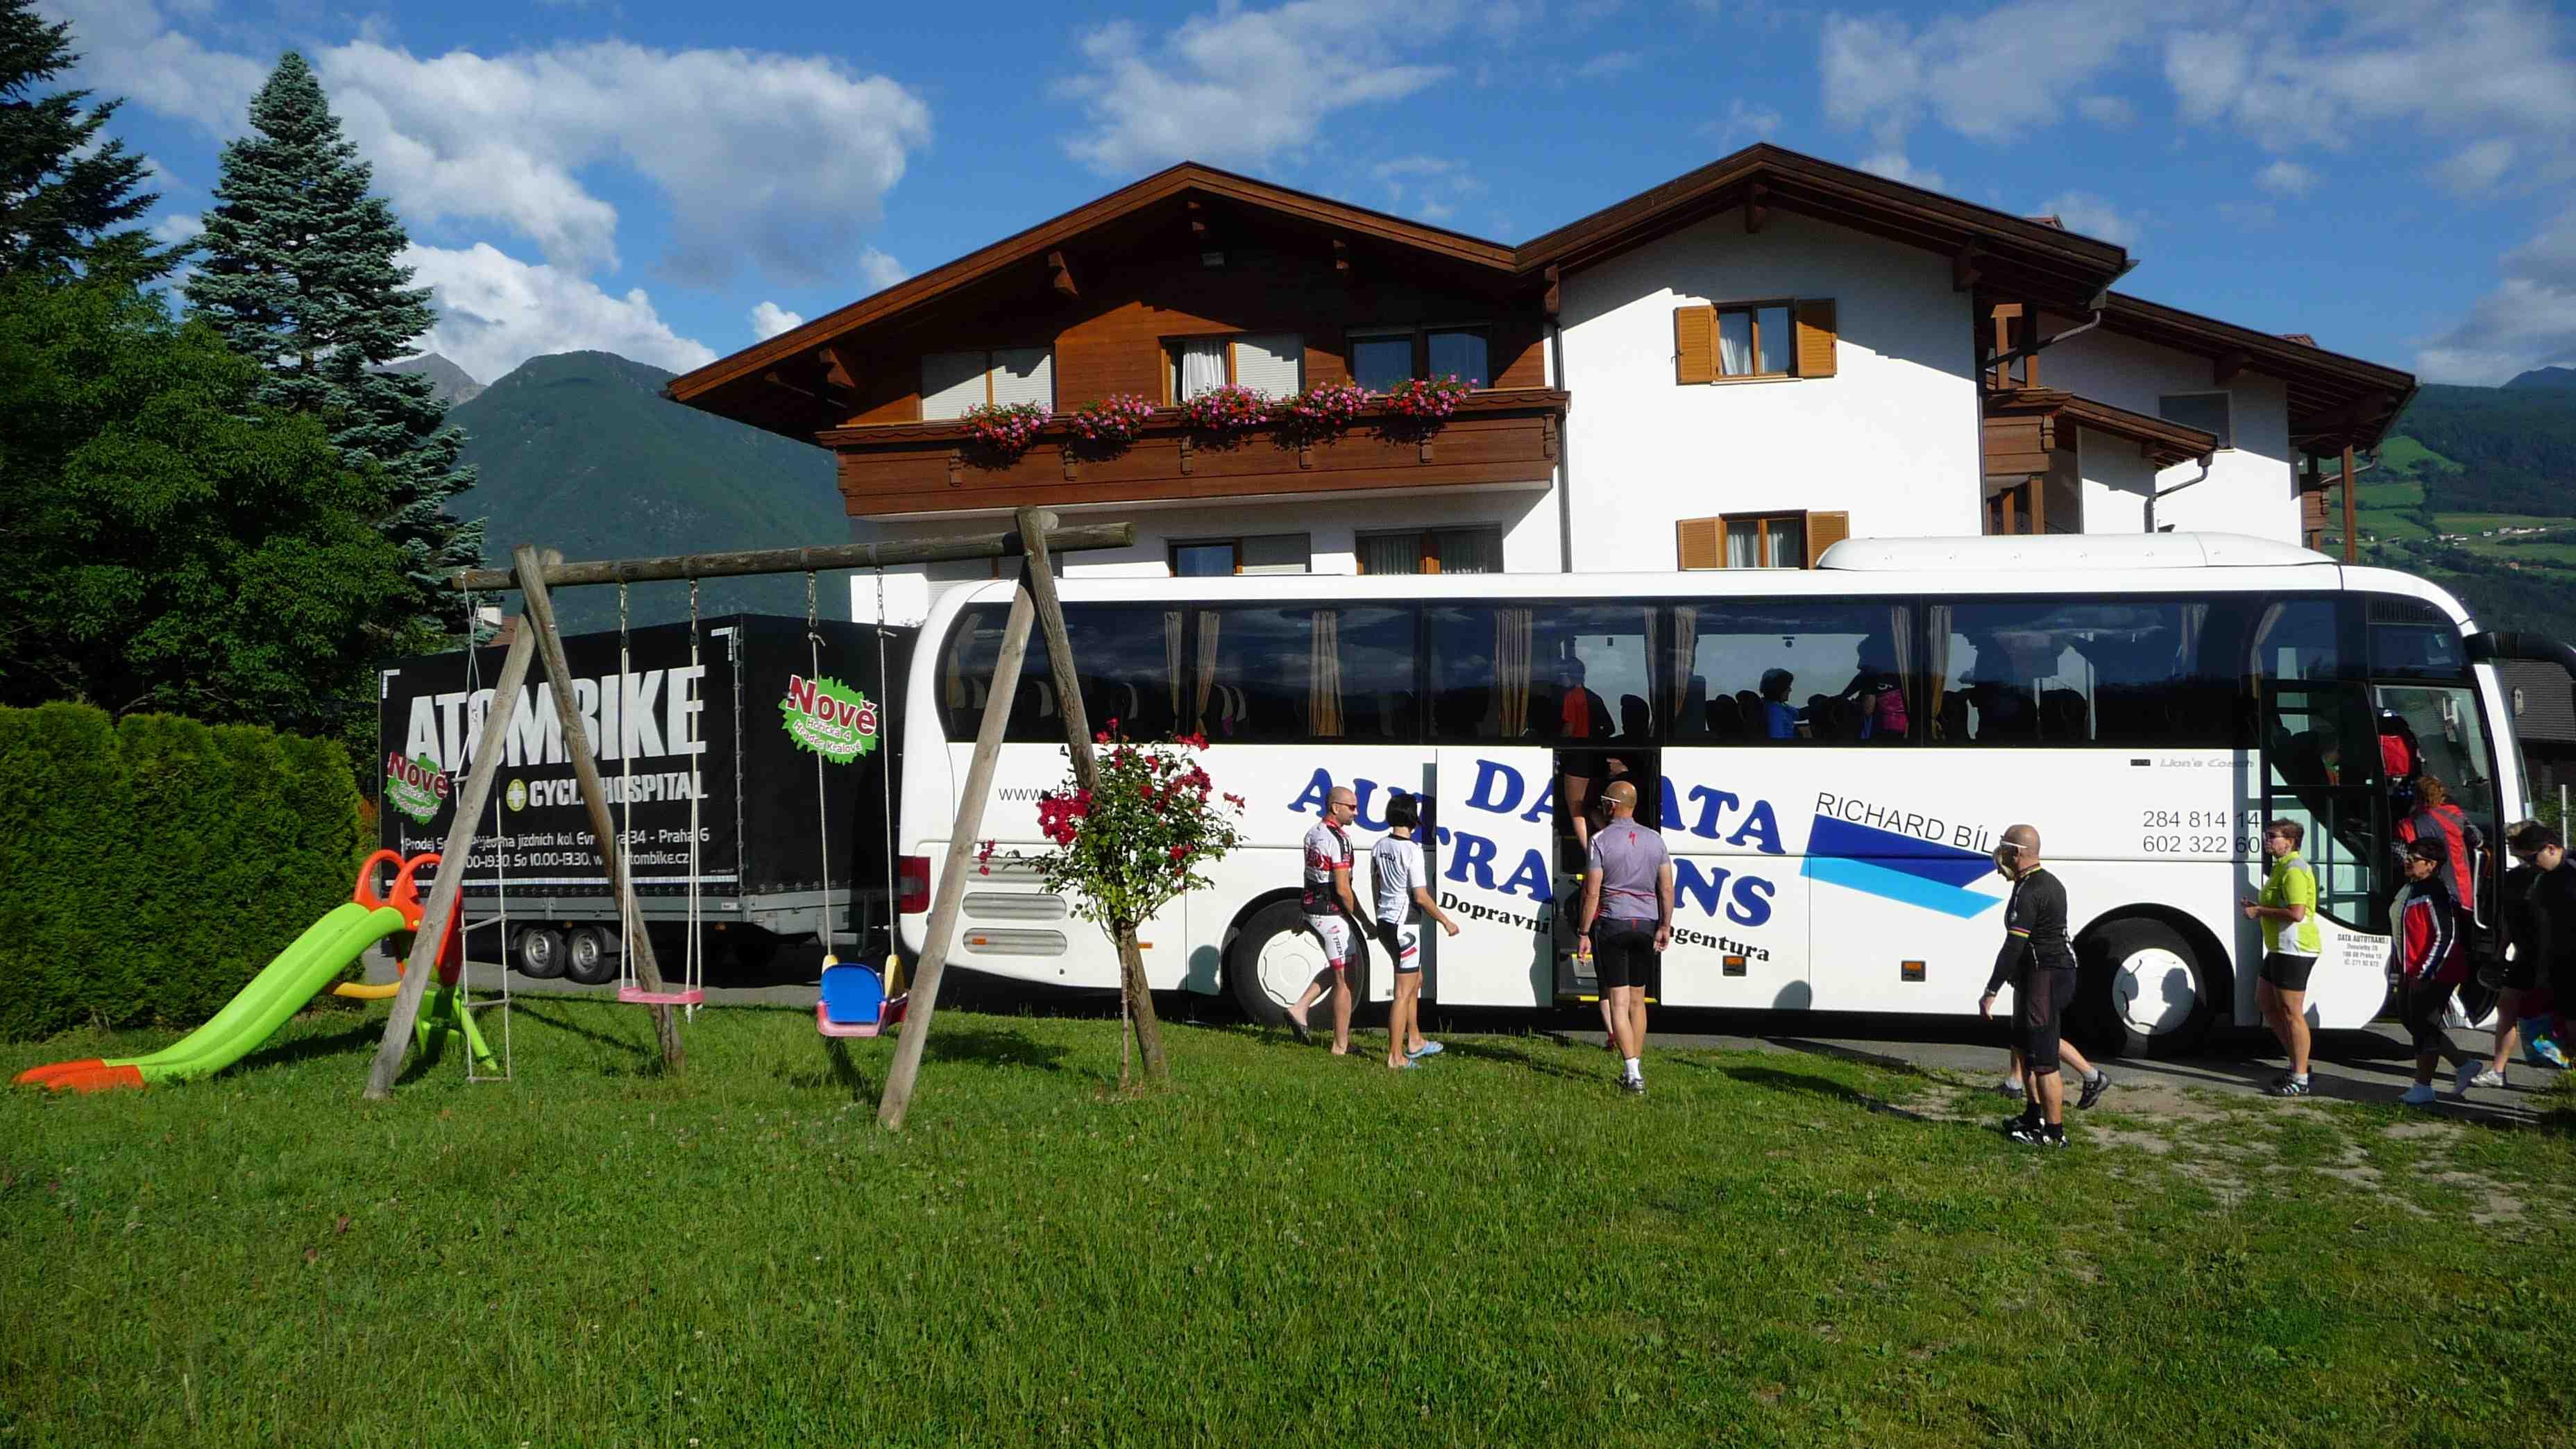 Nejkrásnější údolní cyklostezky Jižního Tyrolska